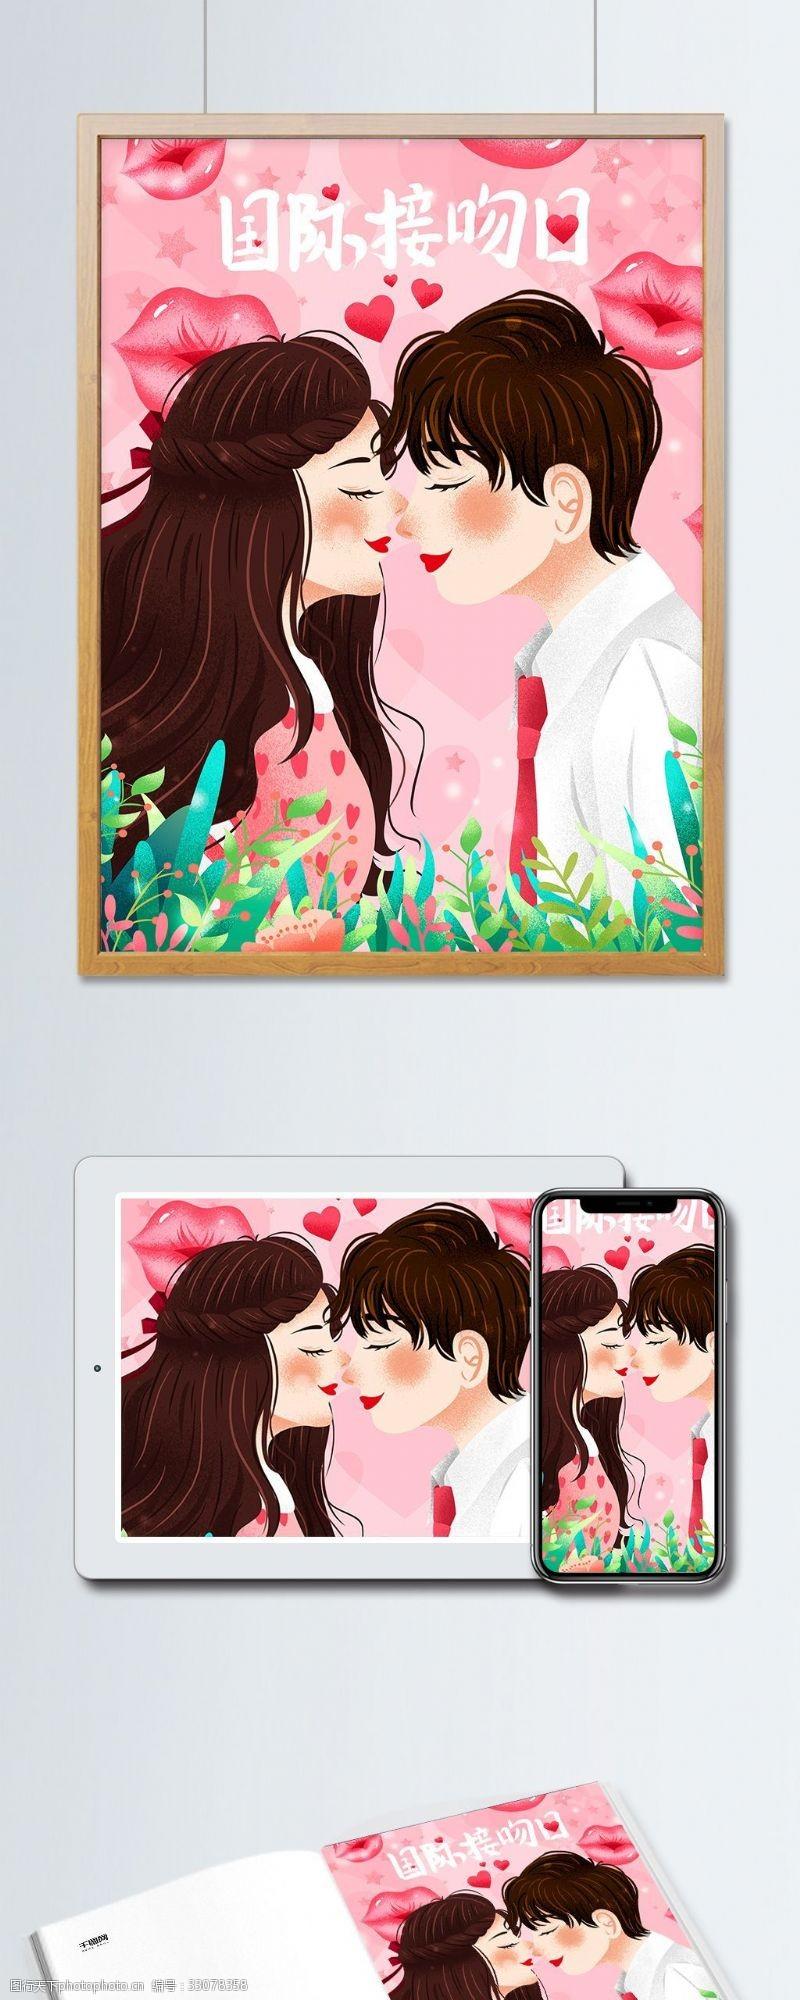 粉色國際接吻日唯美浪漫情侶接吻插畫